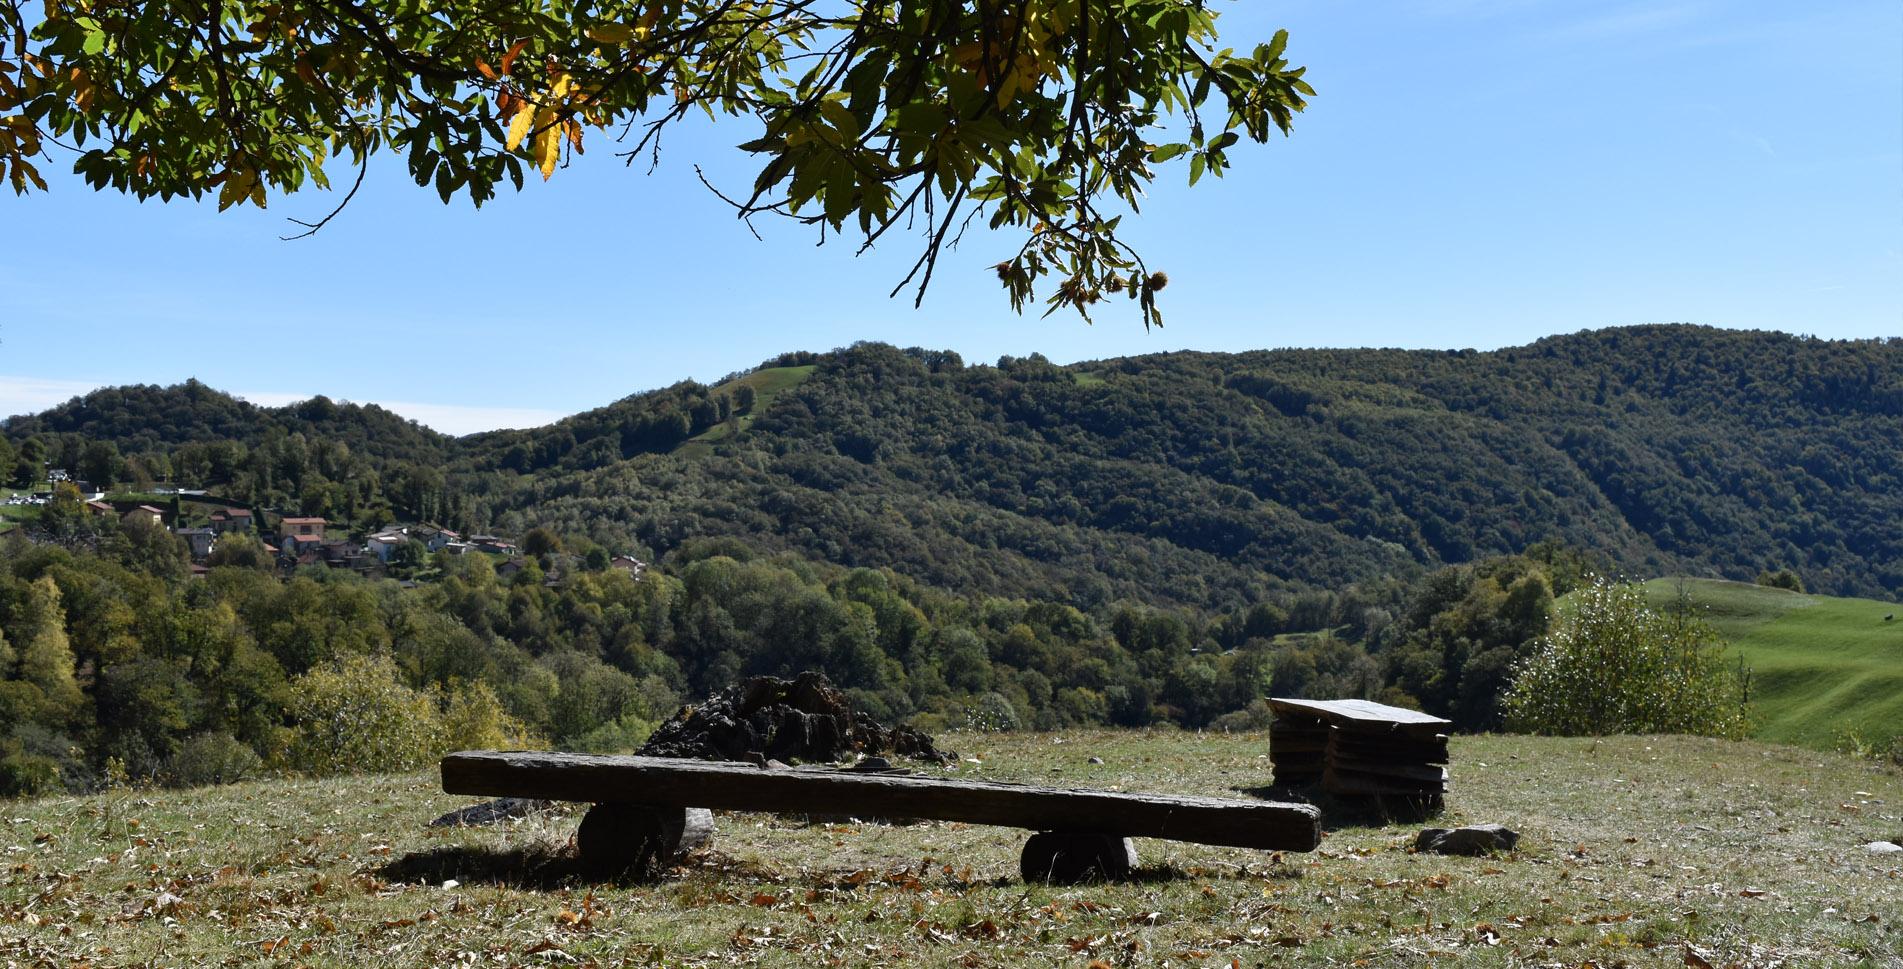 Rundwanderung / Wanderung auf dem Kastanienweg / Sentiero del Castagno (Themenweg) durch den Alto Malcantone (Arosio) von Arosio via Mugena, Vezio und Fescoggia zurück nach Arosio